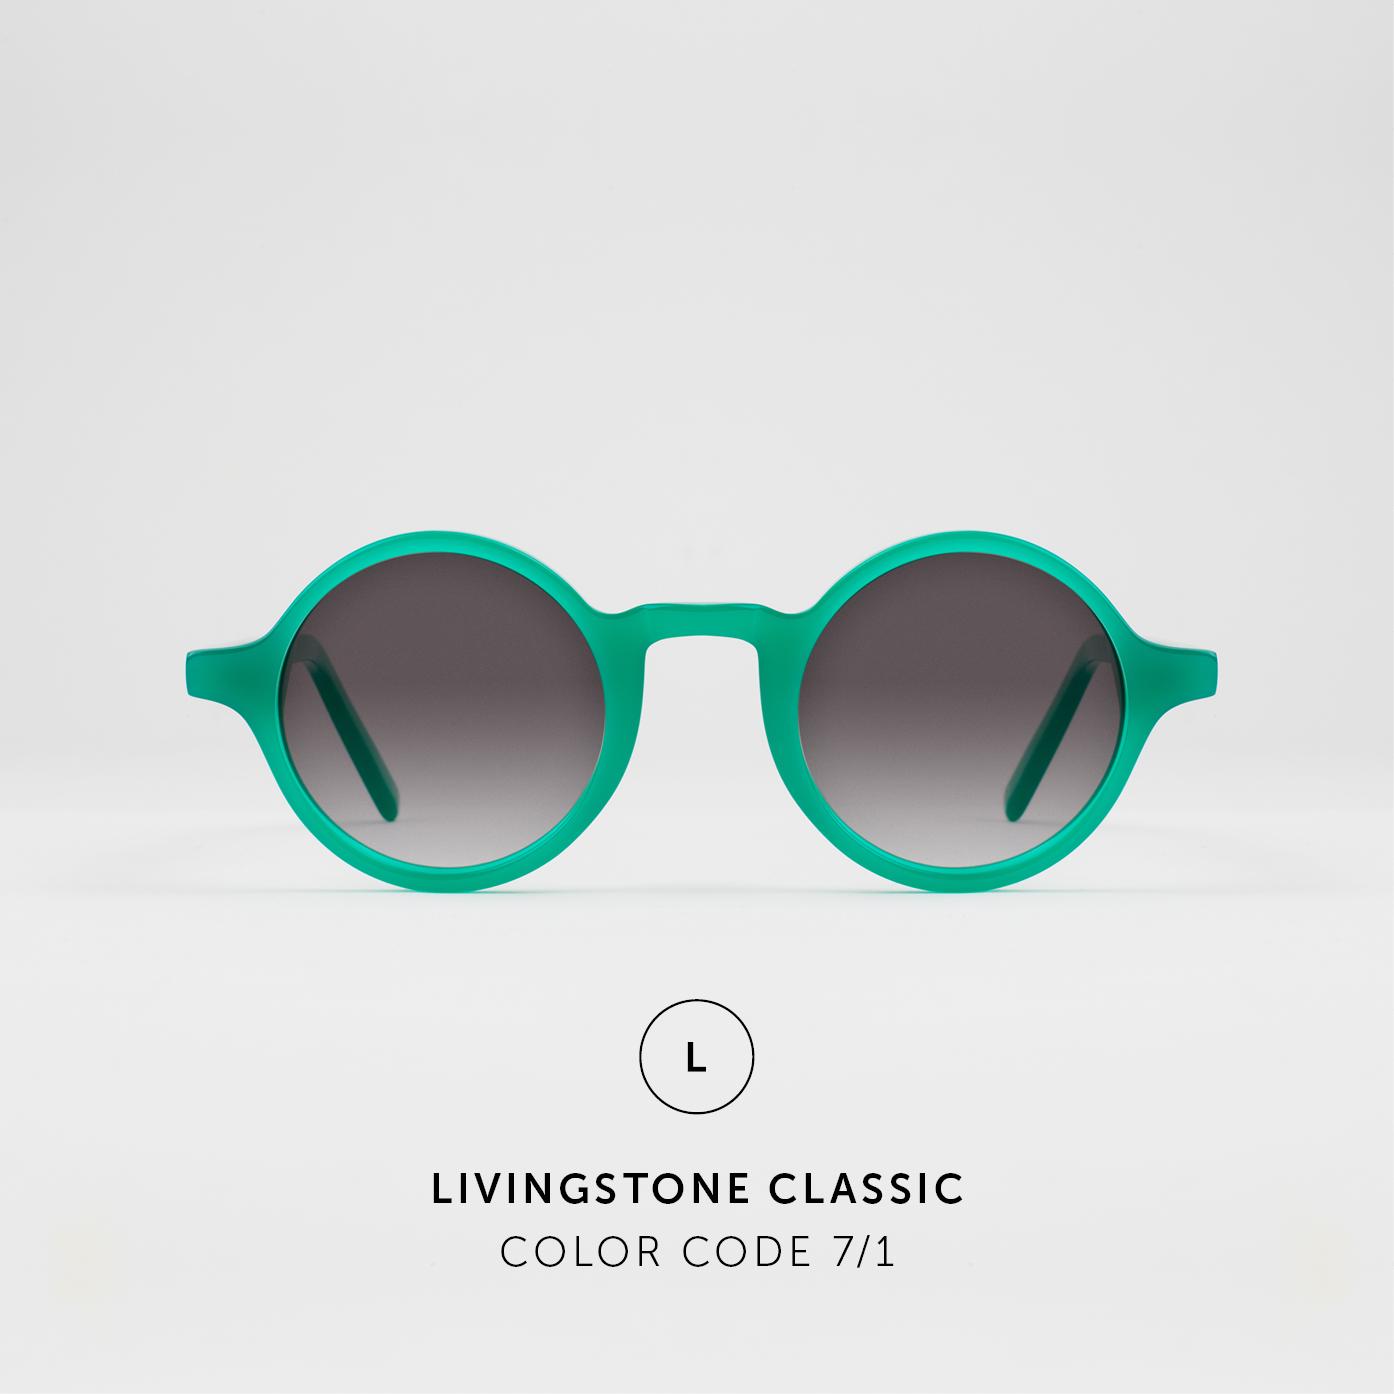 LivingstoneClassic35.jpg